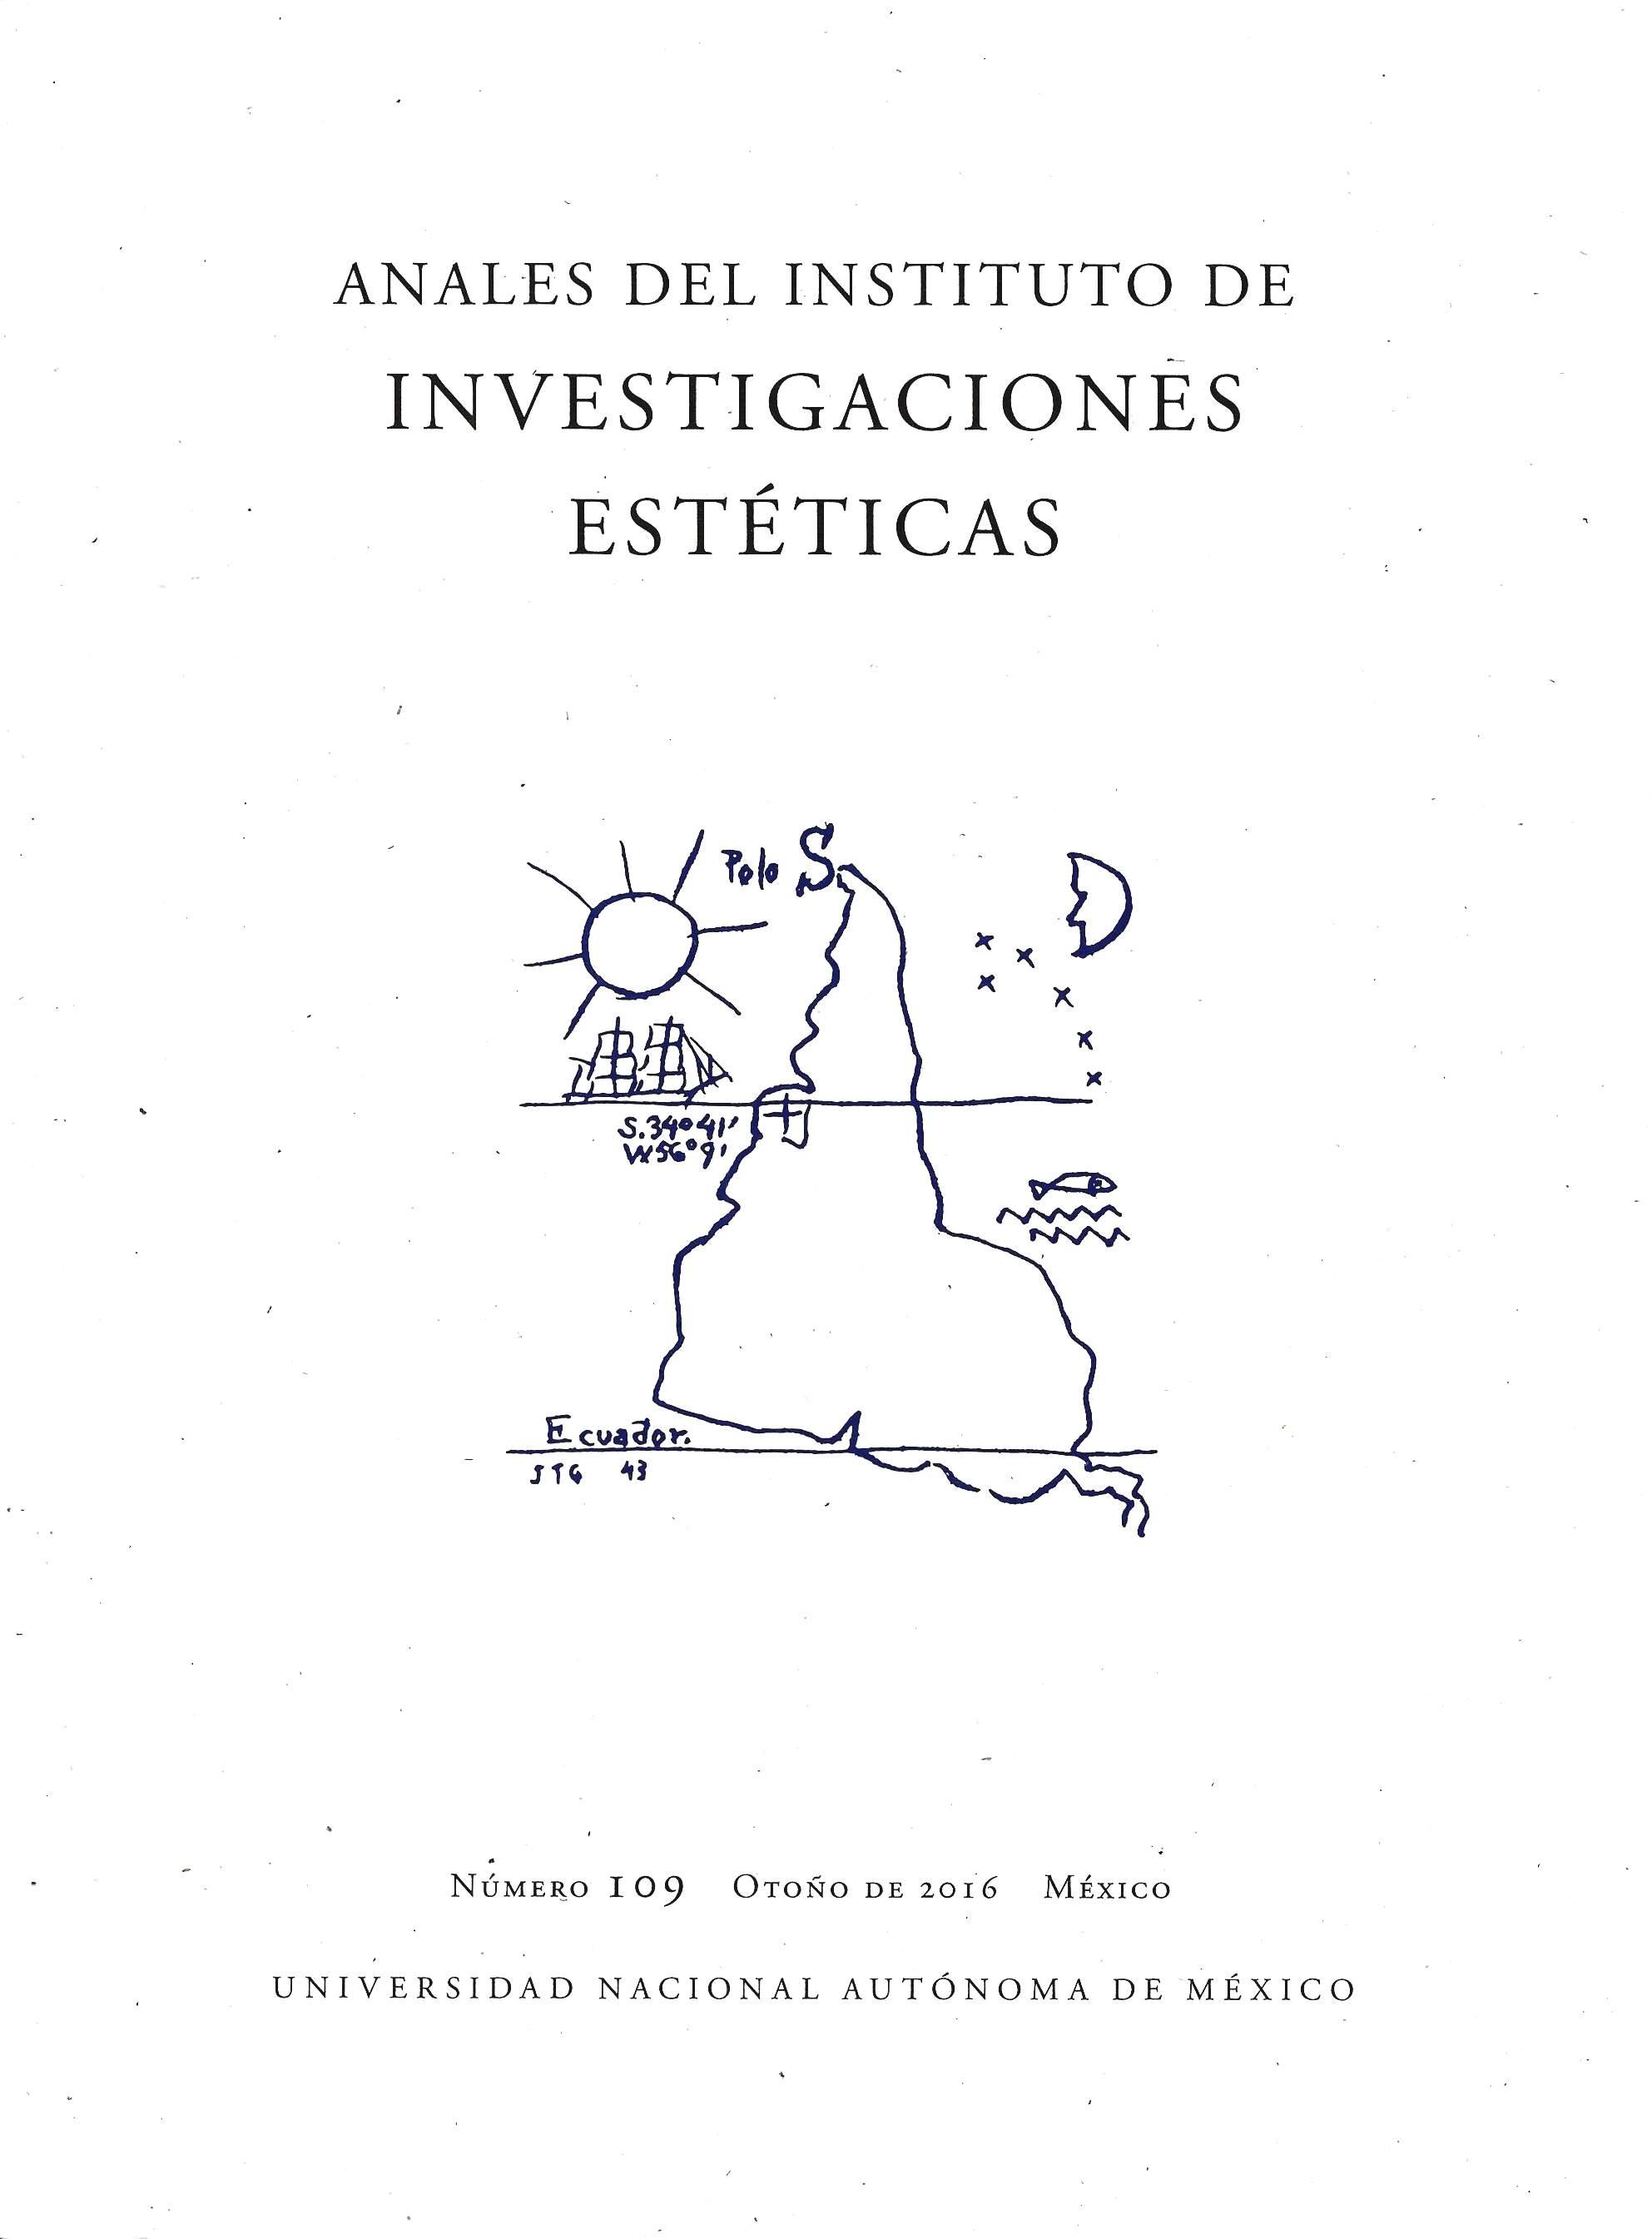 Anales del Instituto de Investigaciones Estéticas, vol. XXXVIII, núm. 109, otoño de 2016